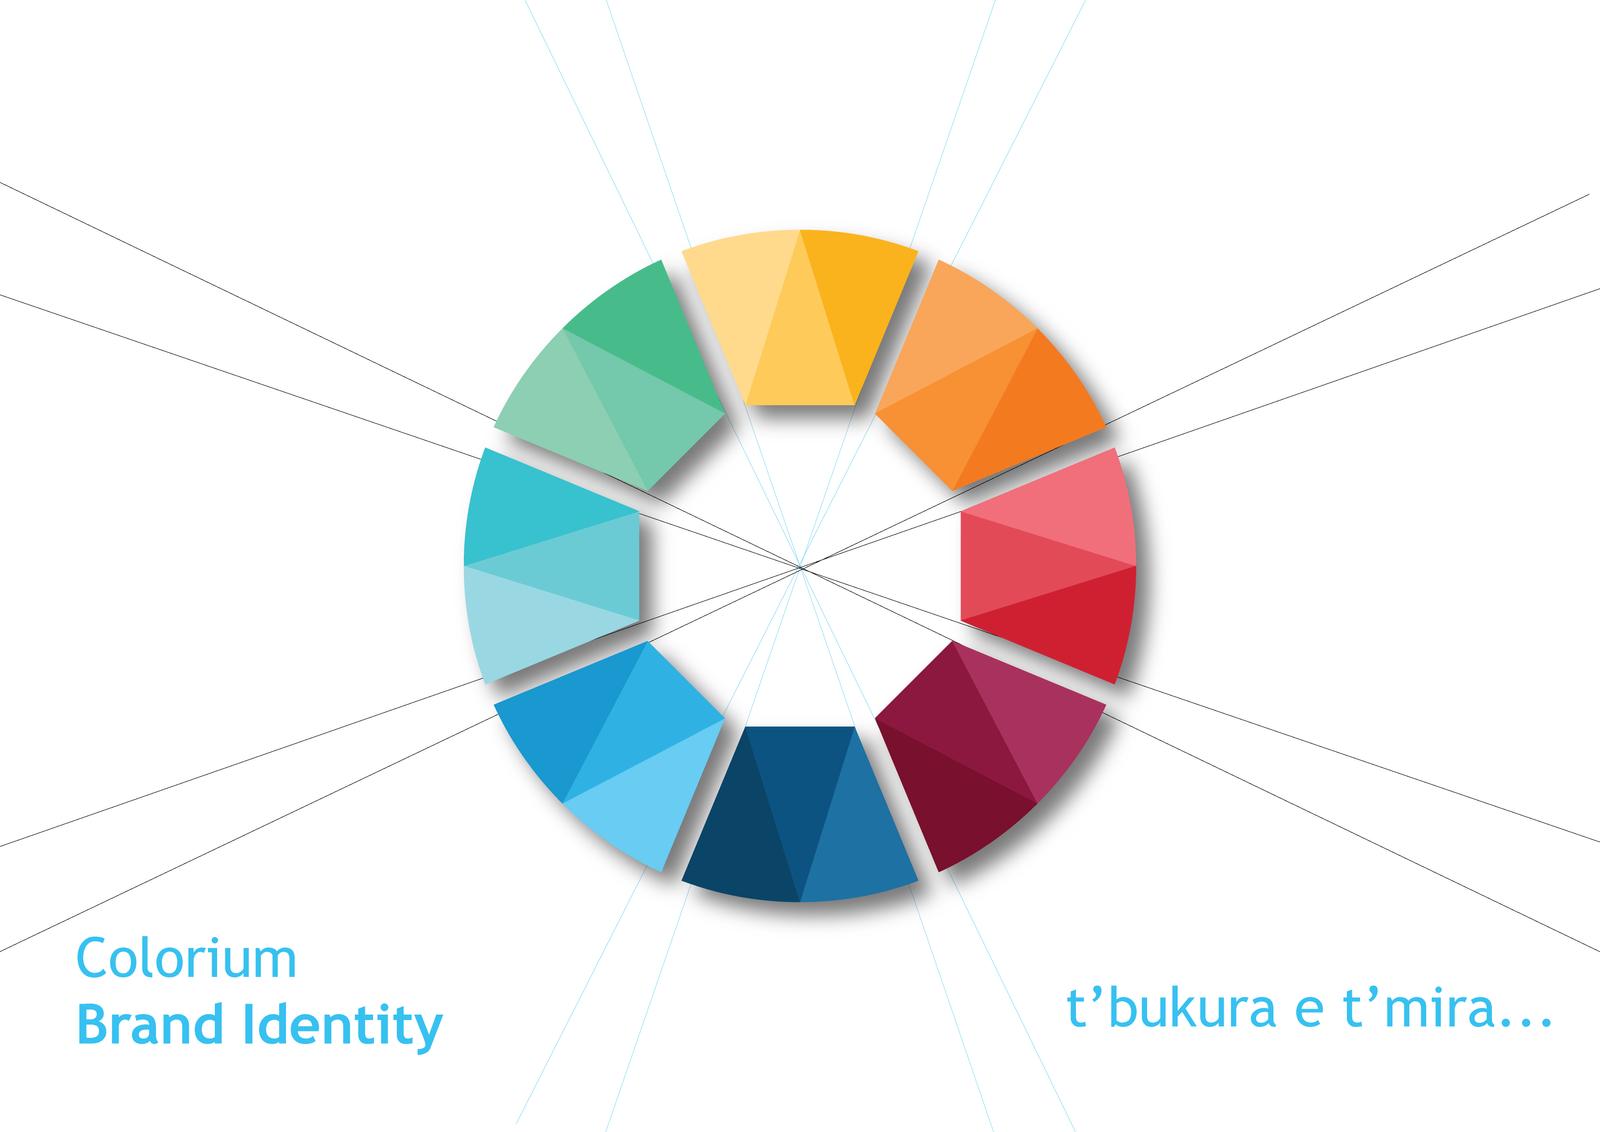 Colorium_Brand_identity-01